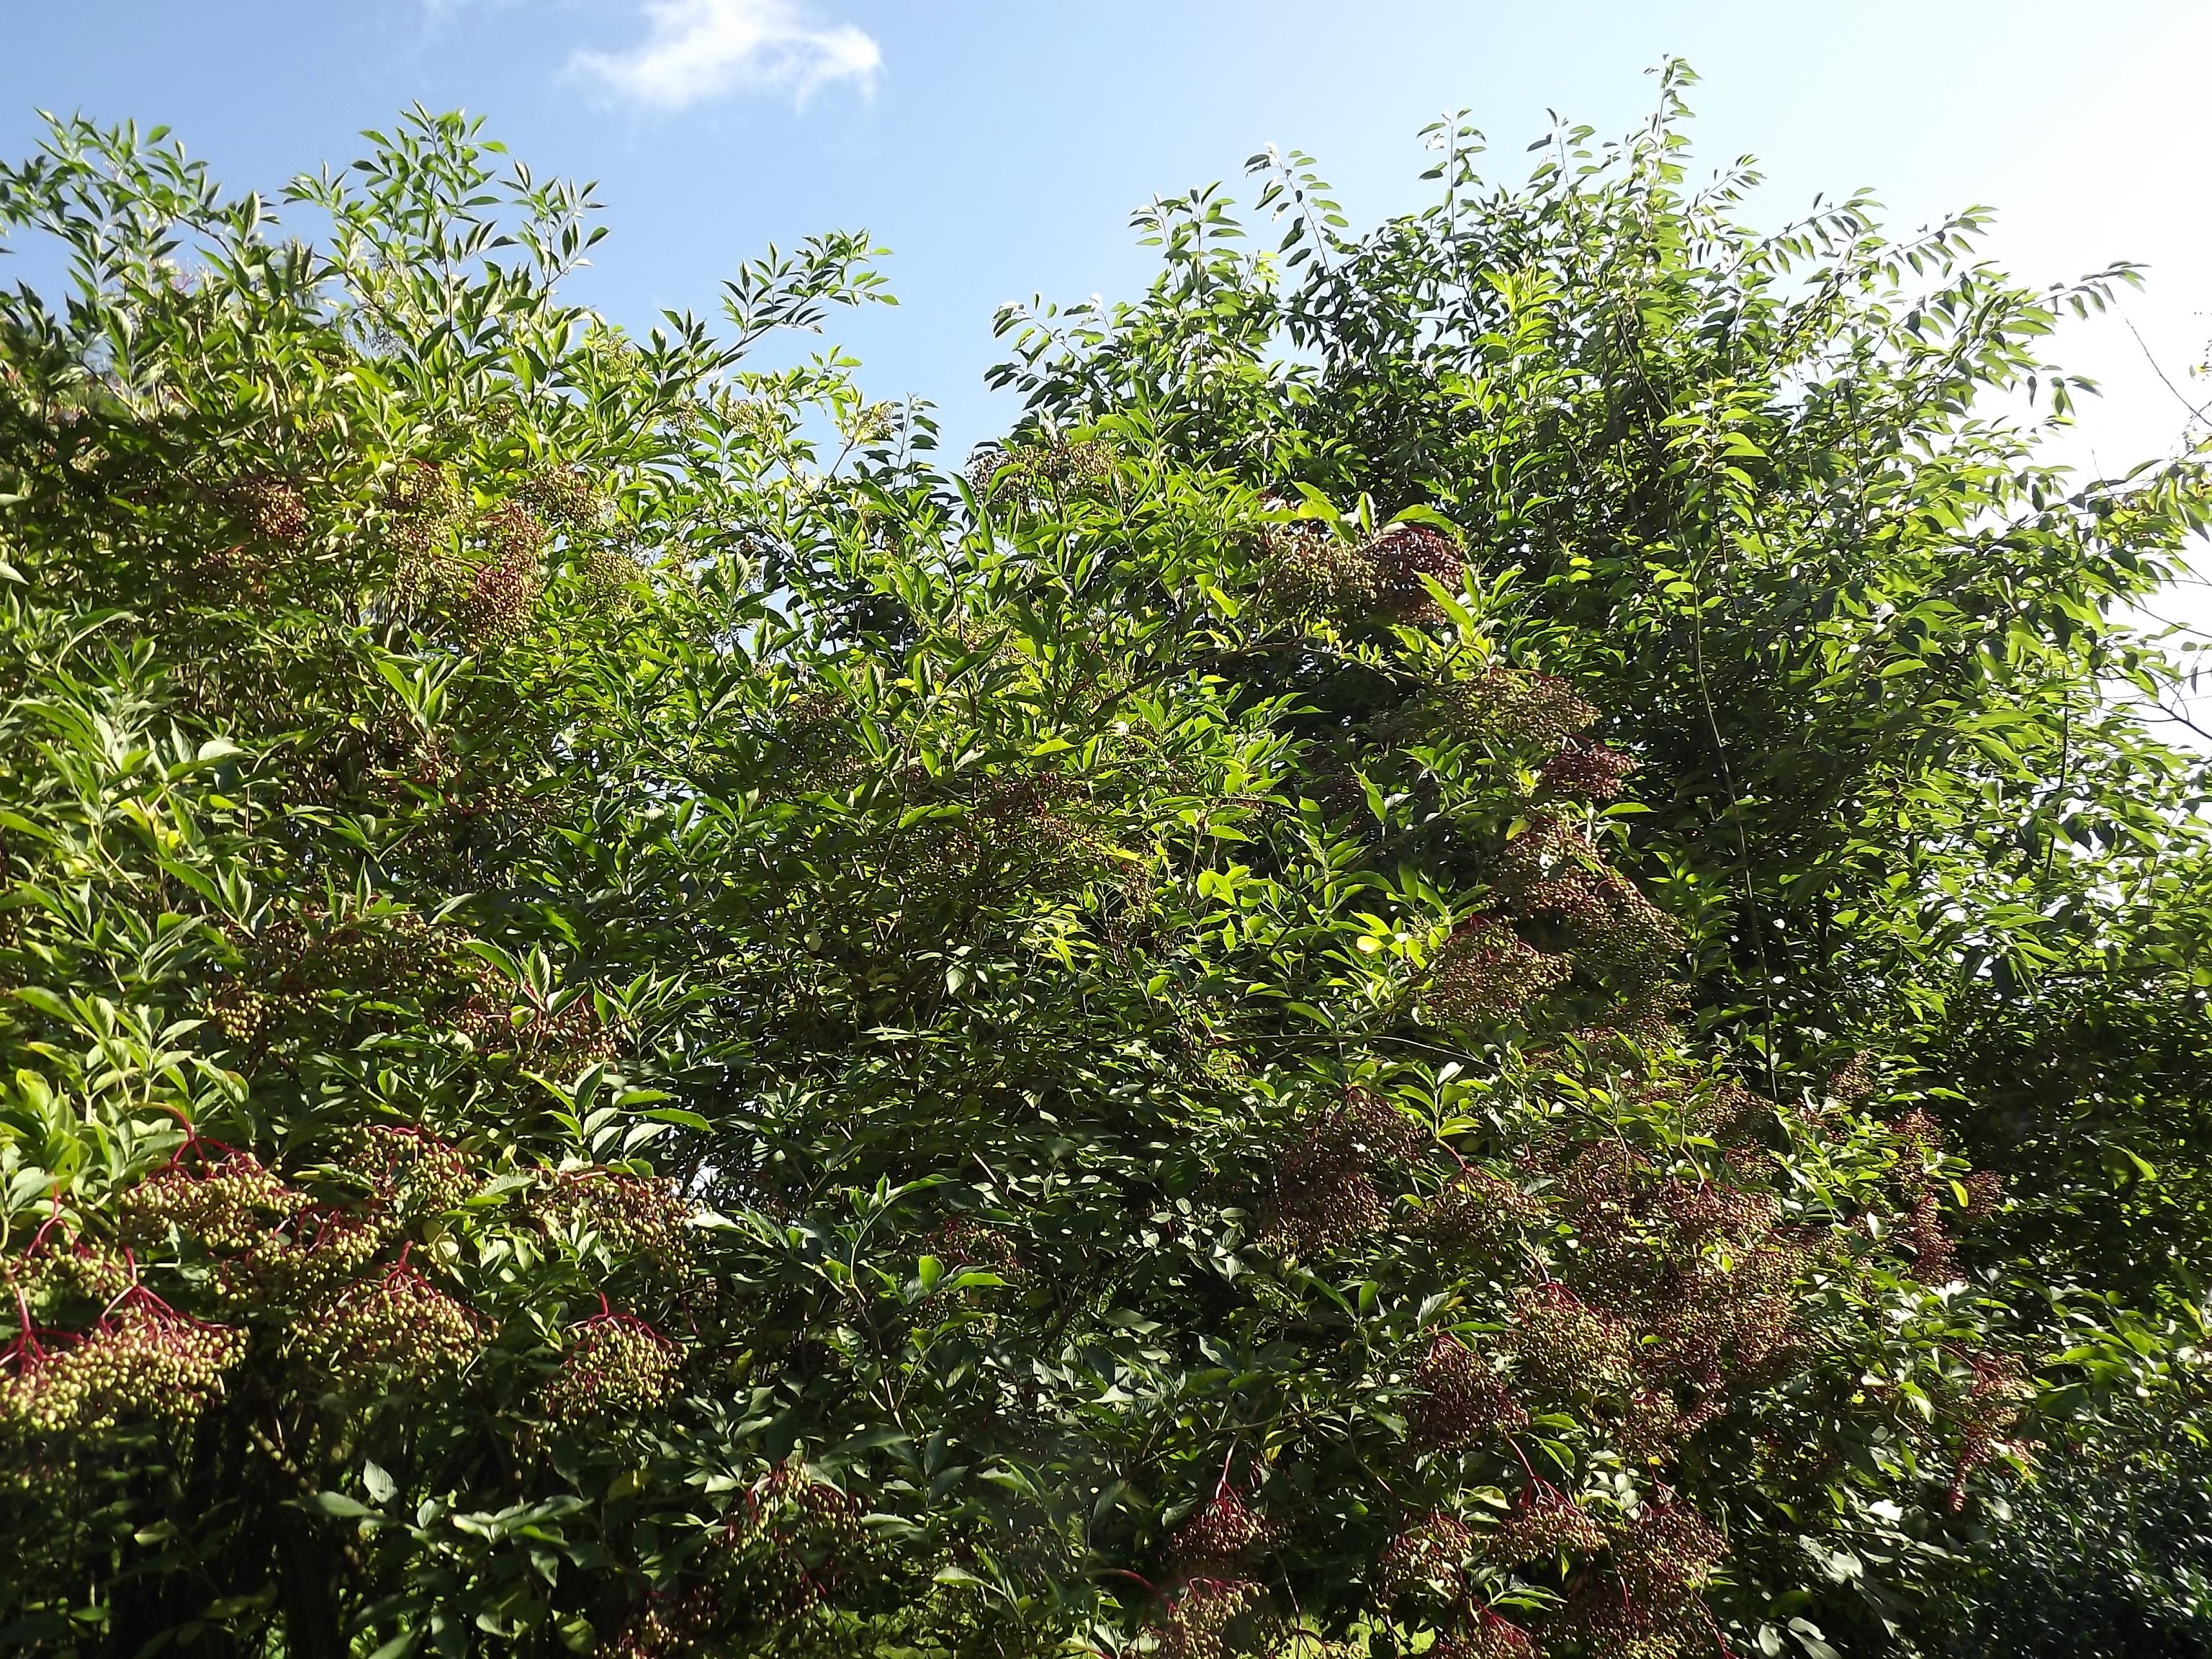 6381-hollunder-busch